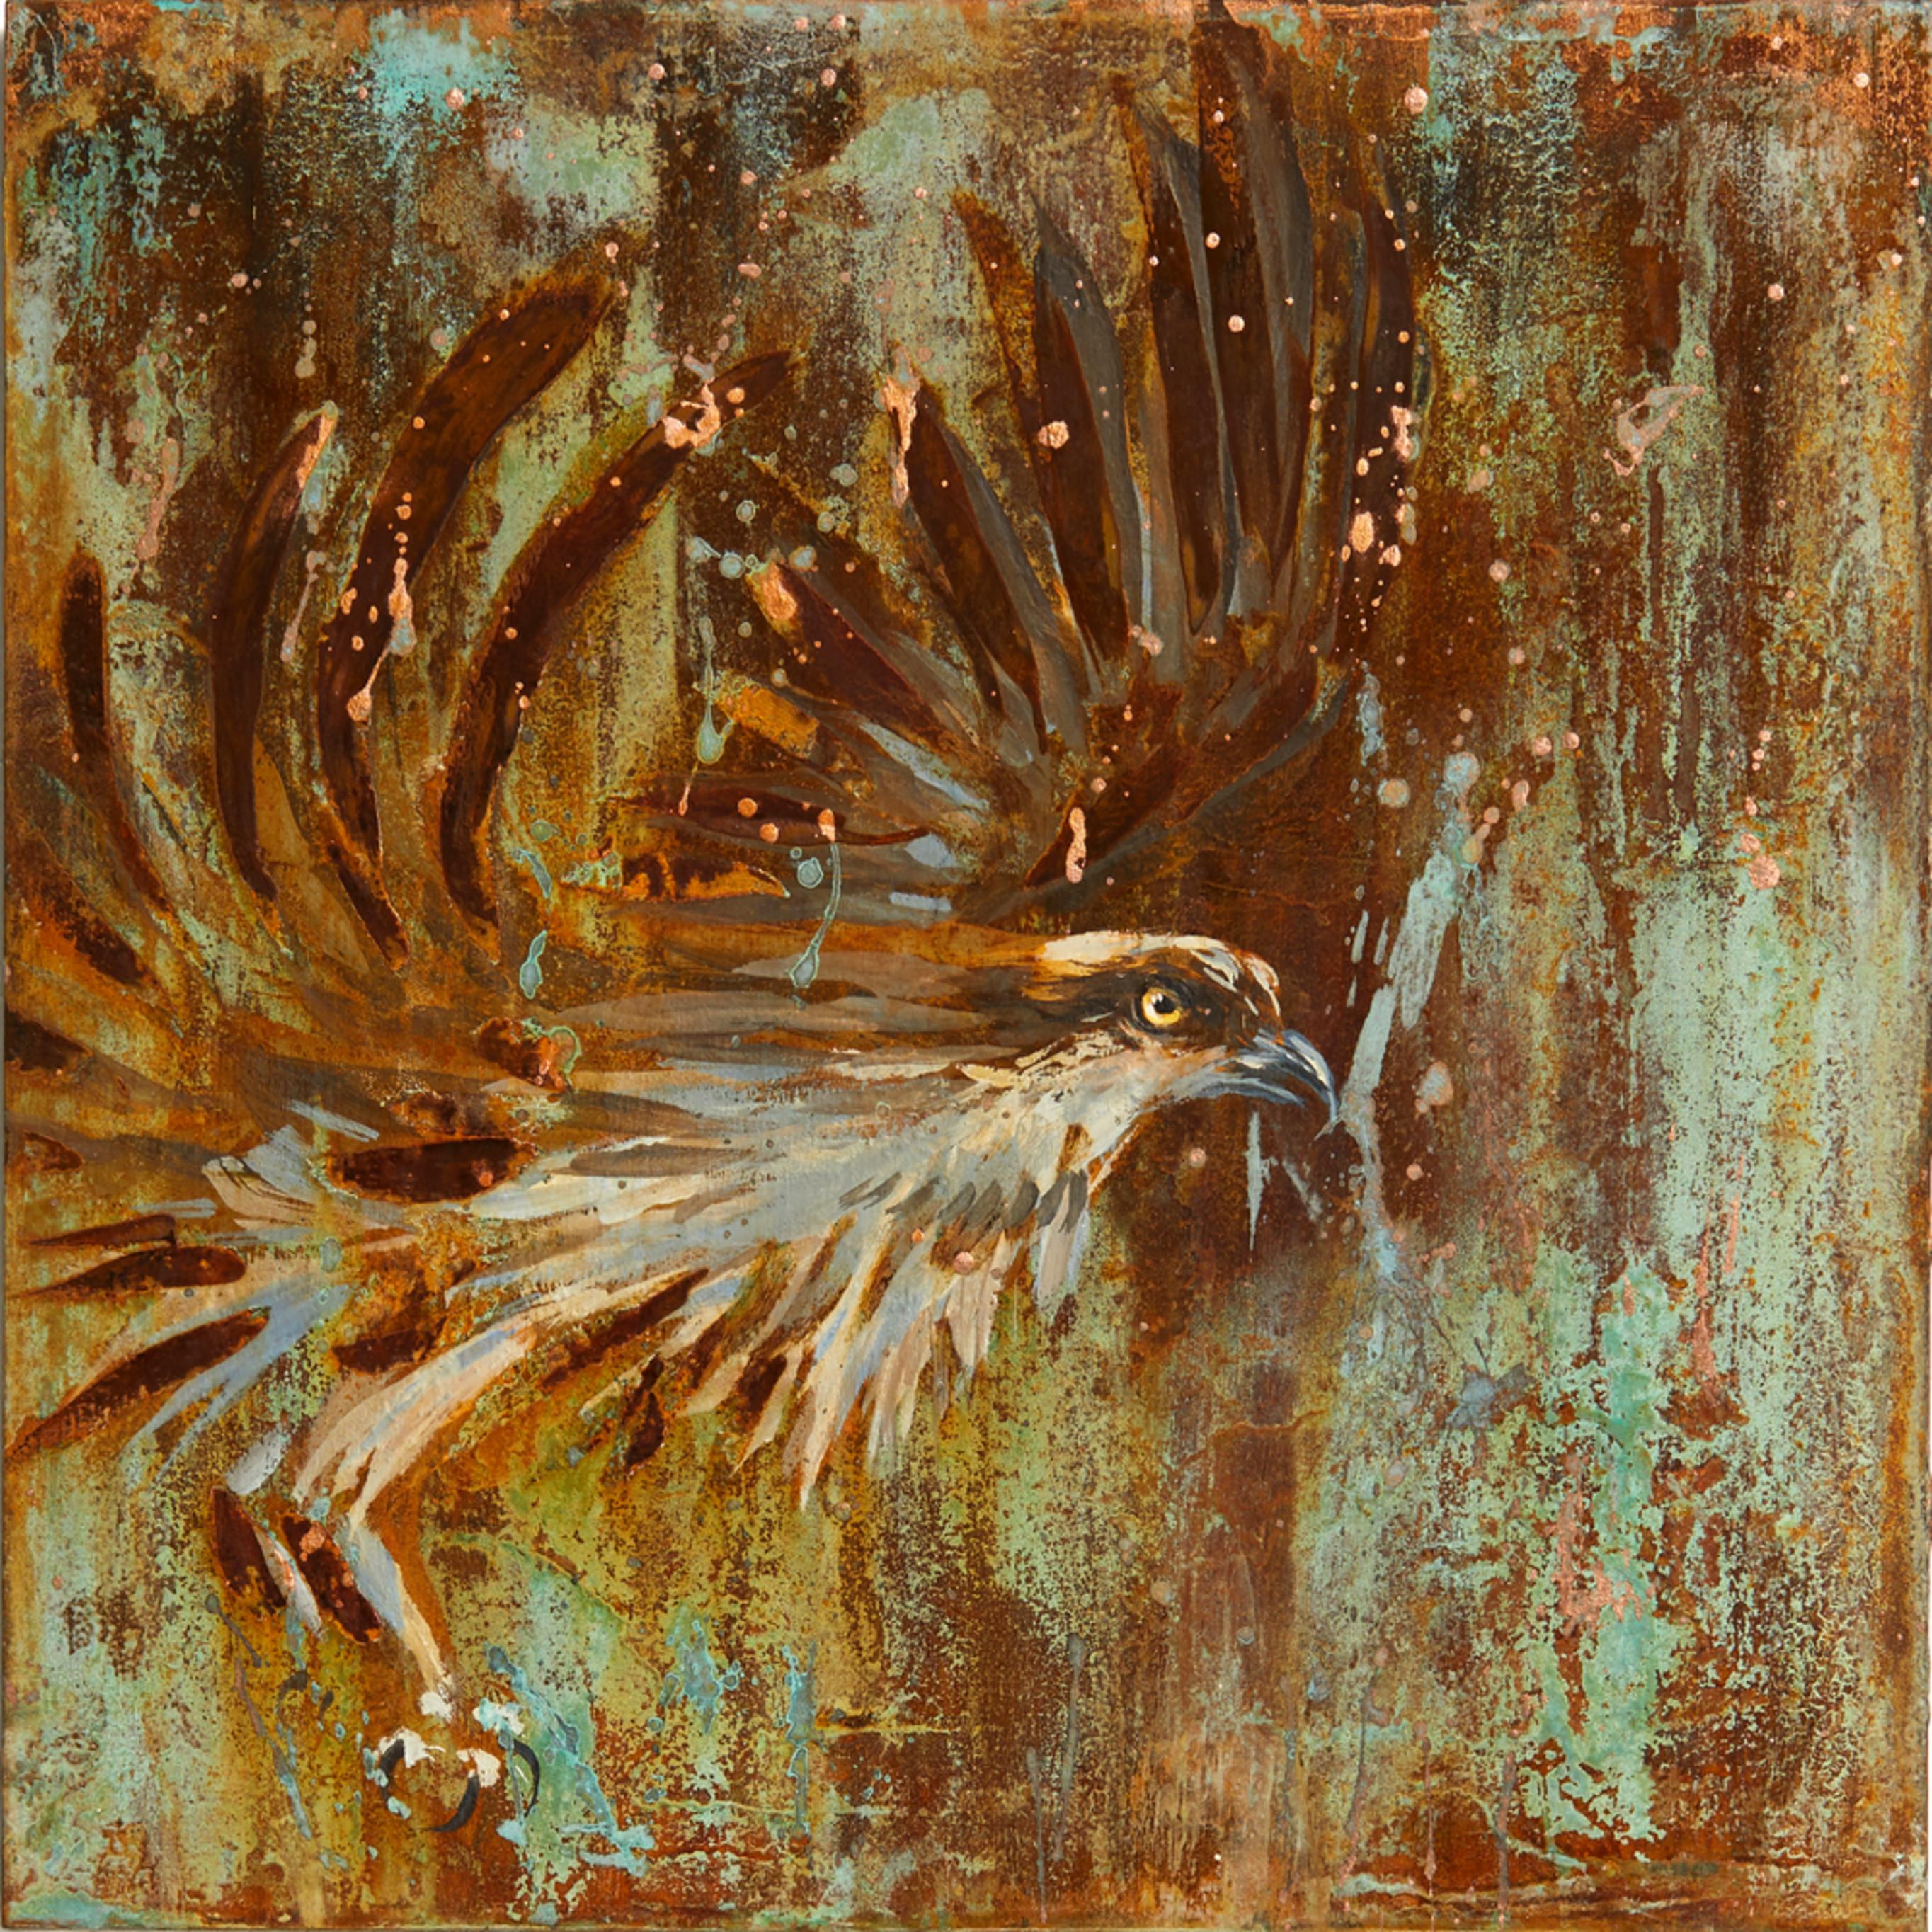 Osprey emerging xcfn9g